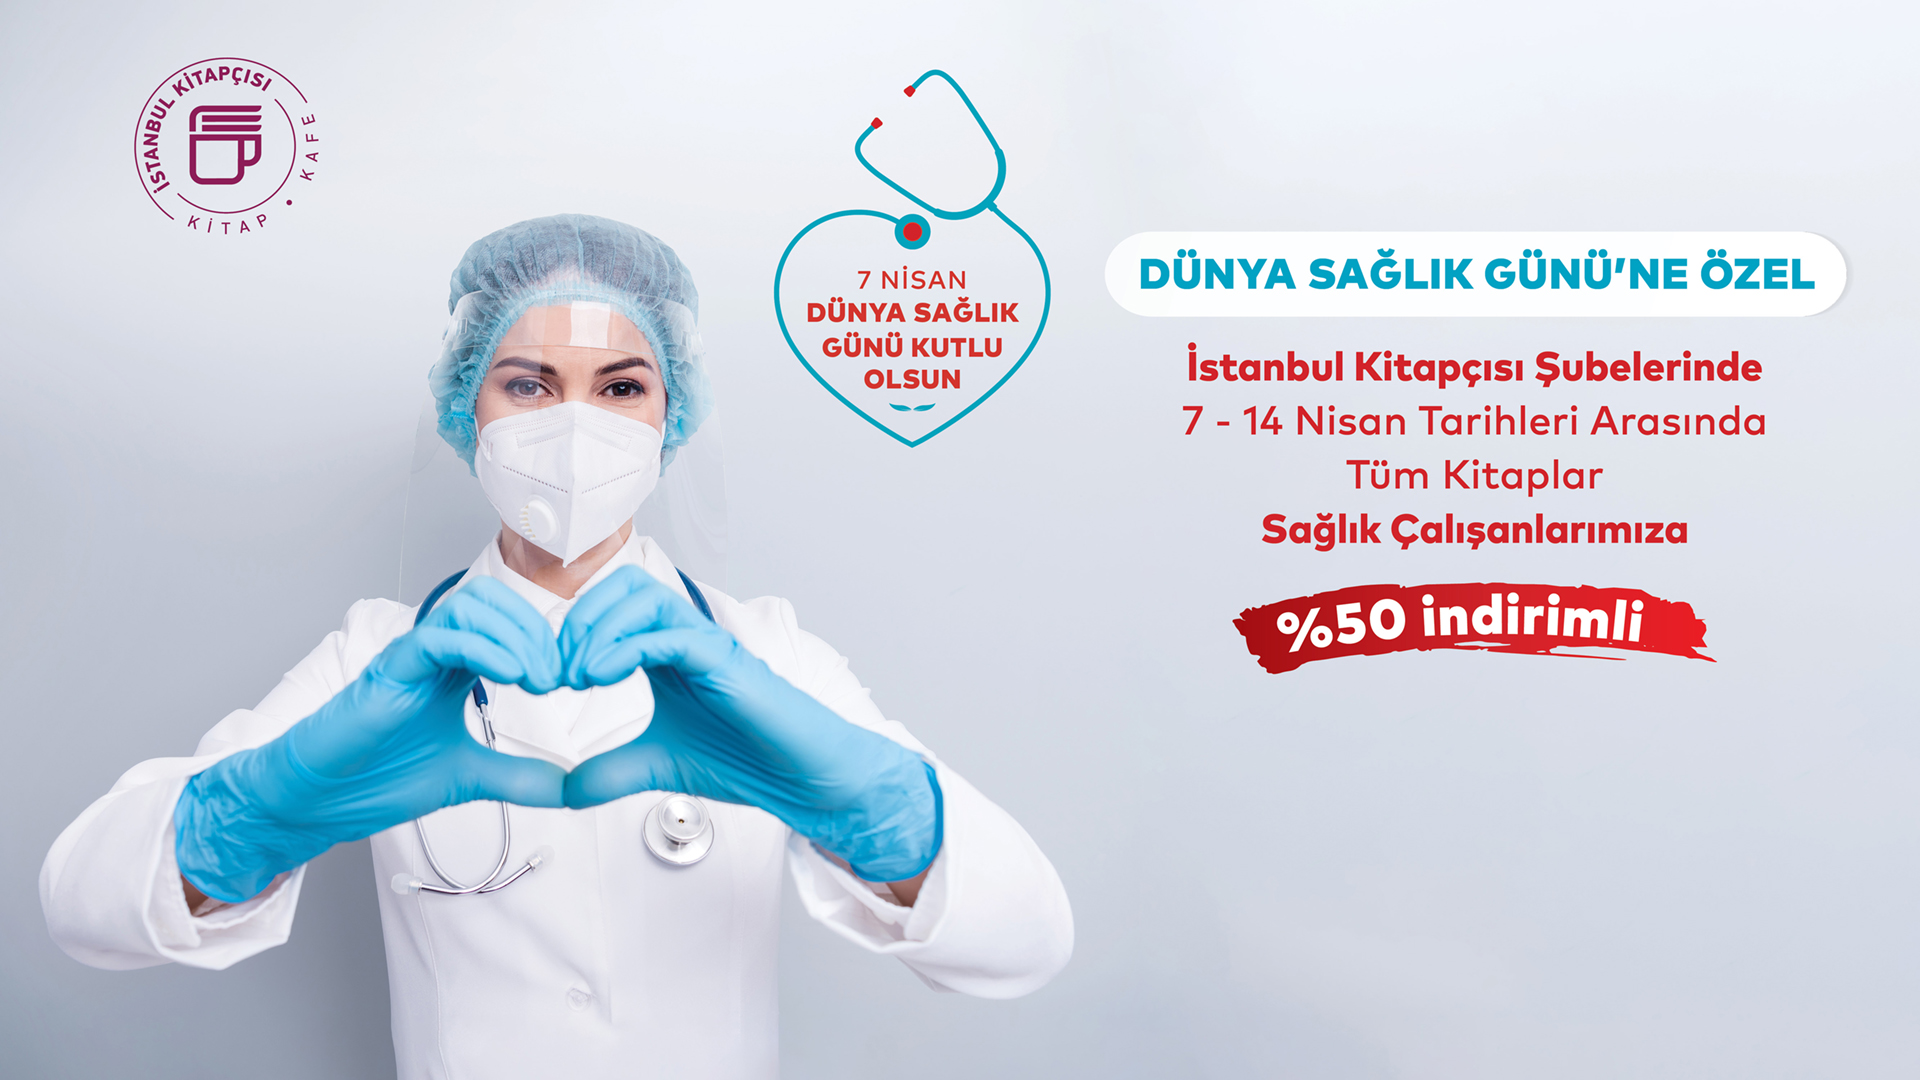 İstanbul Kitapçısı'ndan Dünya Sağlık Günü'ne özel kampanya!